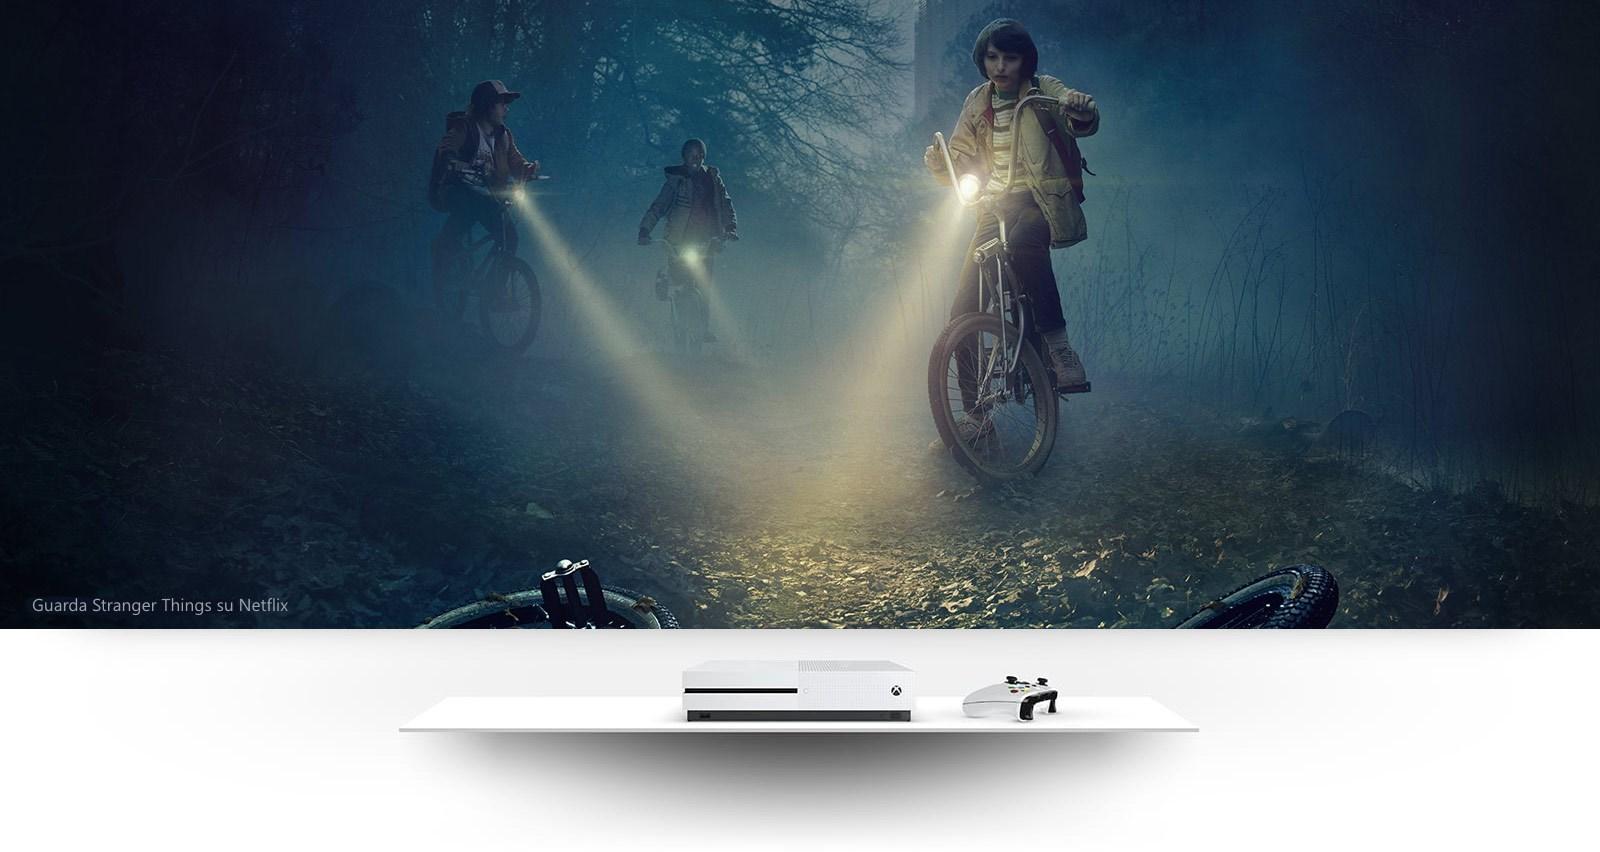 Xbox One S con un'immagine dei ragazzi di Stranger Things sulle bici